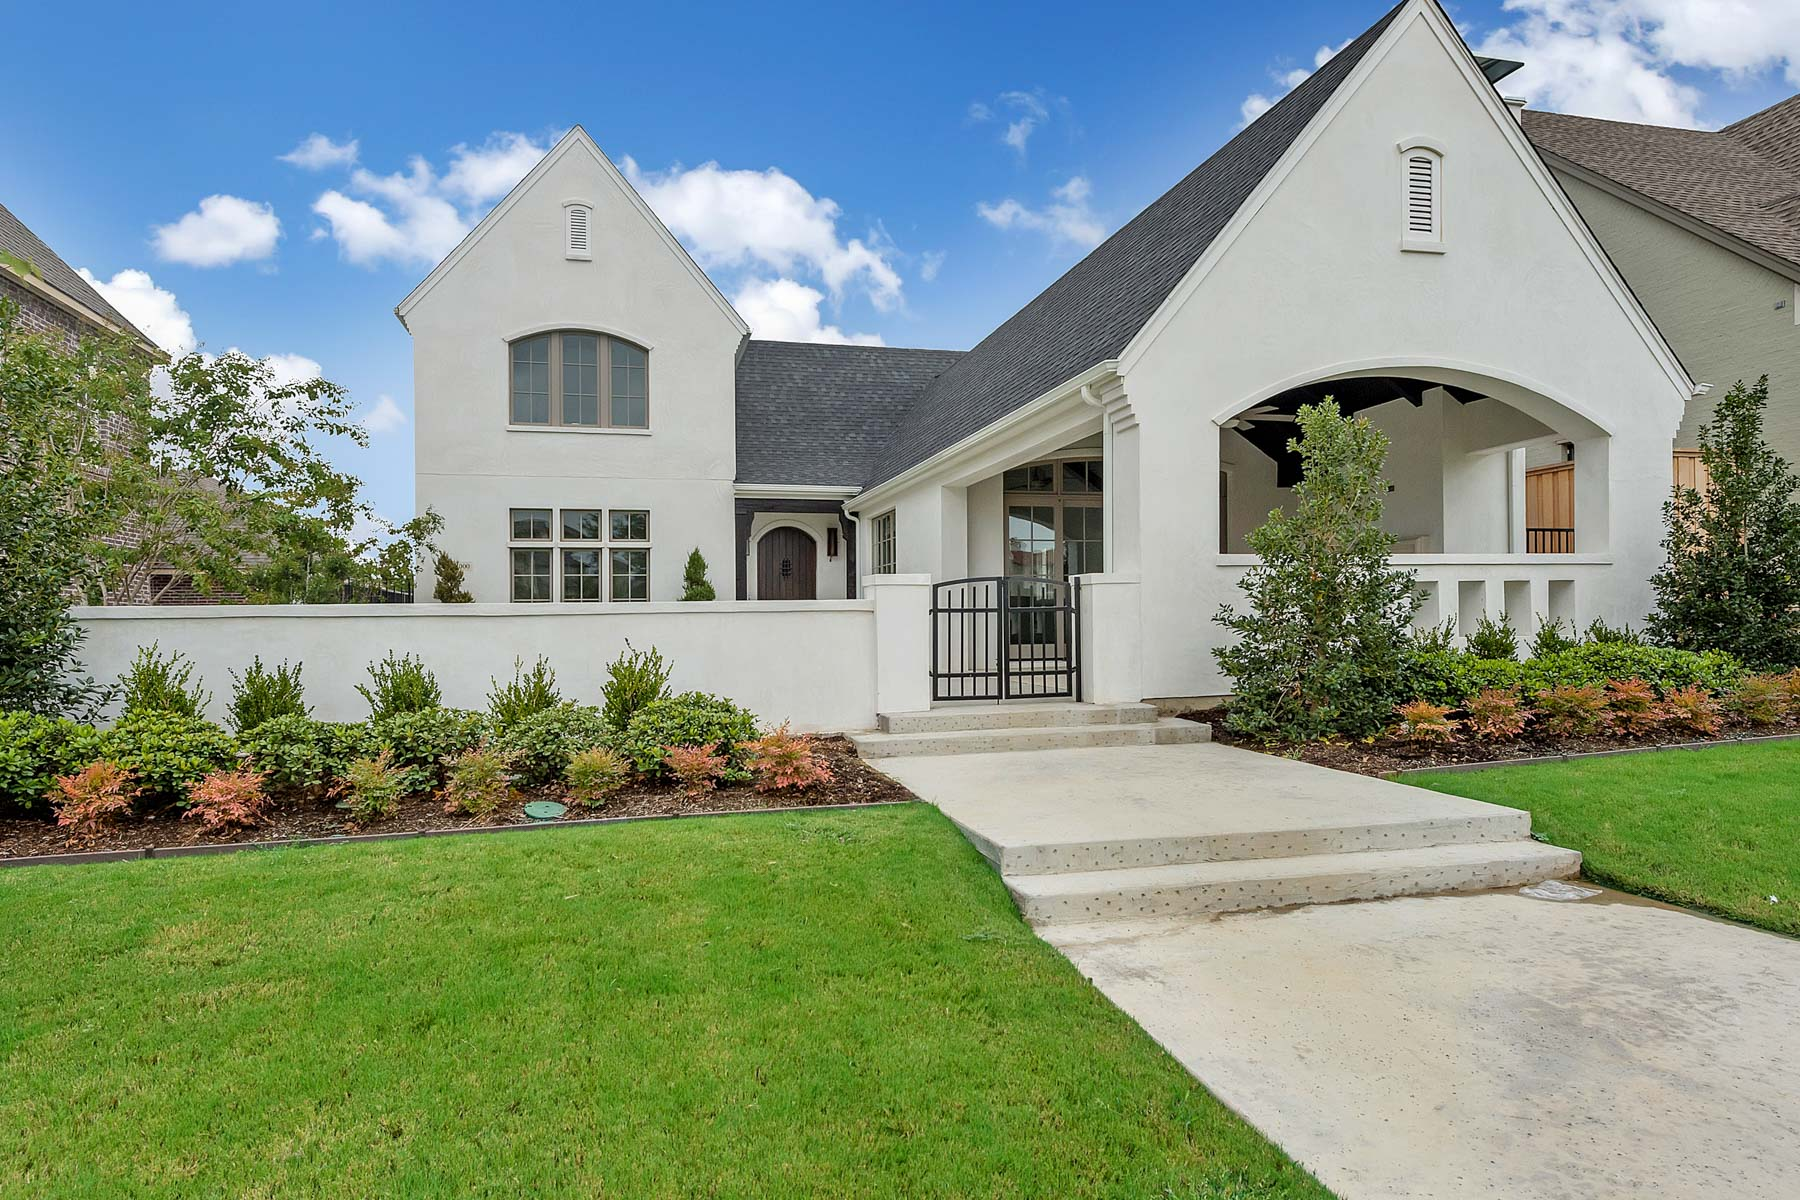 Einfamilienhaus für Verkauf beim 4000 Bent Elm Lane, Fort Worth 4000 Bent Elm Ln Fort Worth, Texas, 76109 Vereinigte Staaten